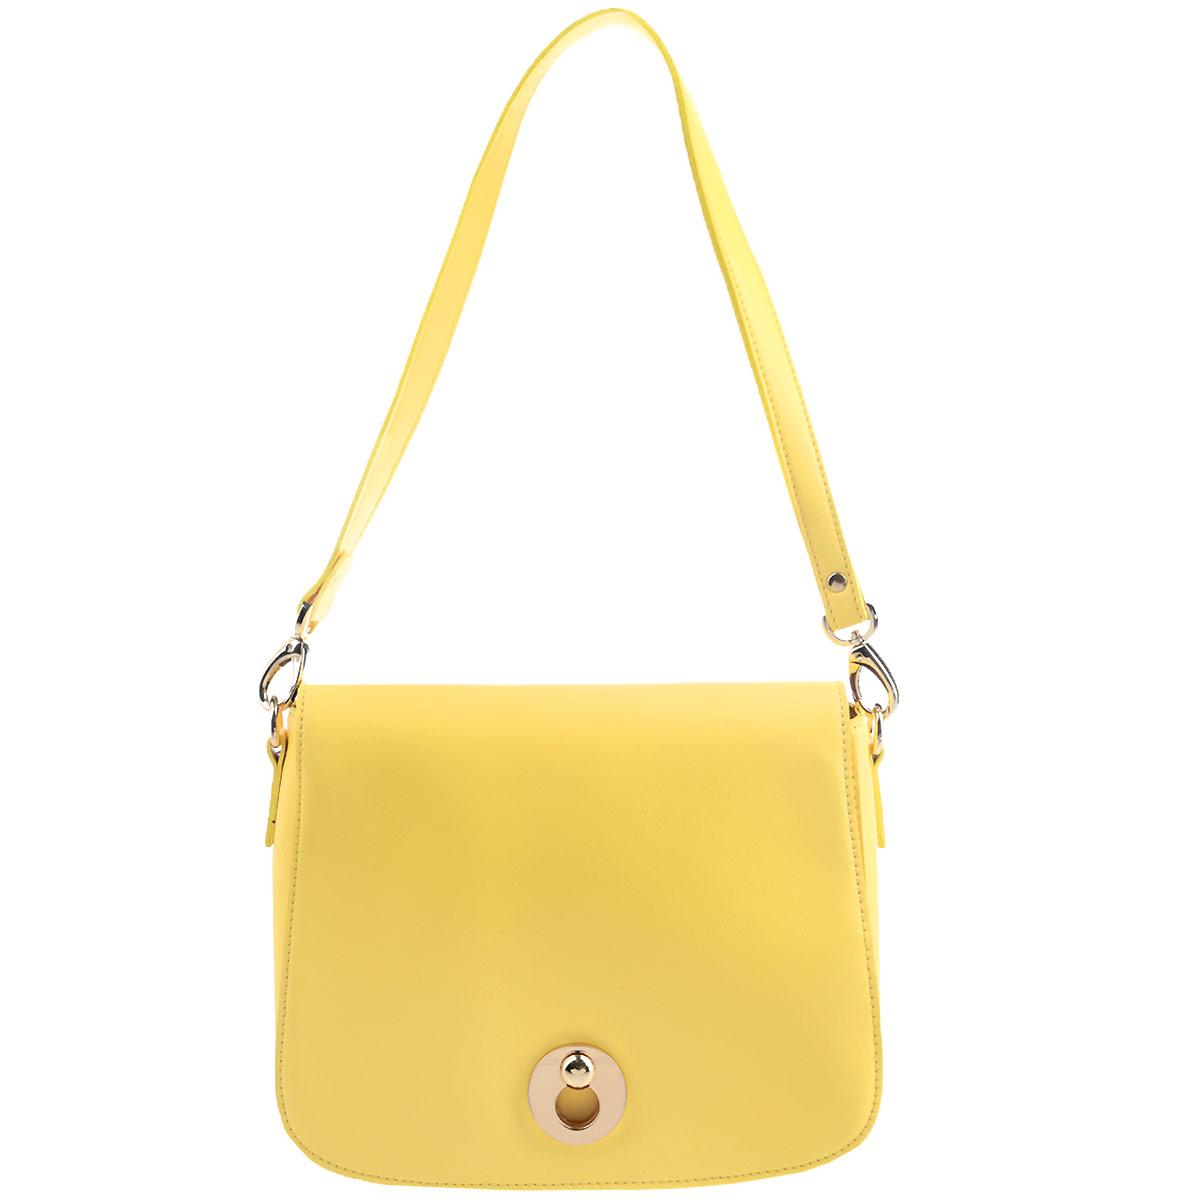 Сумка женская Stella Mazarini, цвет: светло-желтый. 0332-20332-2Ультрамодная женская сумка Stella Mazarini - лучший выбор для романтичных натур, девушек, ценящих современный стиль и элегантность. Сумка выполнена из высококачественной искусственной кожи в лаконичном стиле. Изделие закрывается широким клапаном на замок-защелку. Внутреннее отделение, разделенное средником на застежке-молнии, содержит два накладных кармана для мелочей и мобильного телефона и врезной карман на застежке-молнии. На обратной стороне расположен дополнительный карман на молнии. Сумка оснащена съемным плечевым ремнем на карабинах. Изделие упаковано в текстильный чехол. Изысканная сумка займет достойное место среди вашей коллекции аксессуаров.